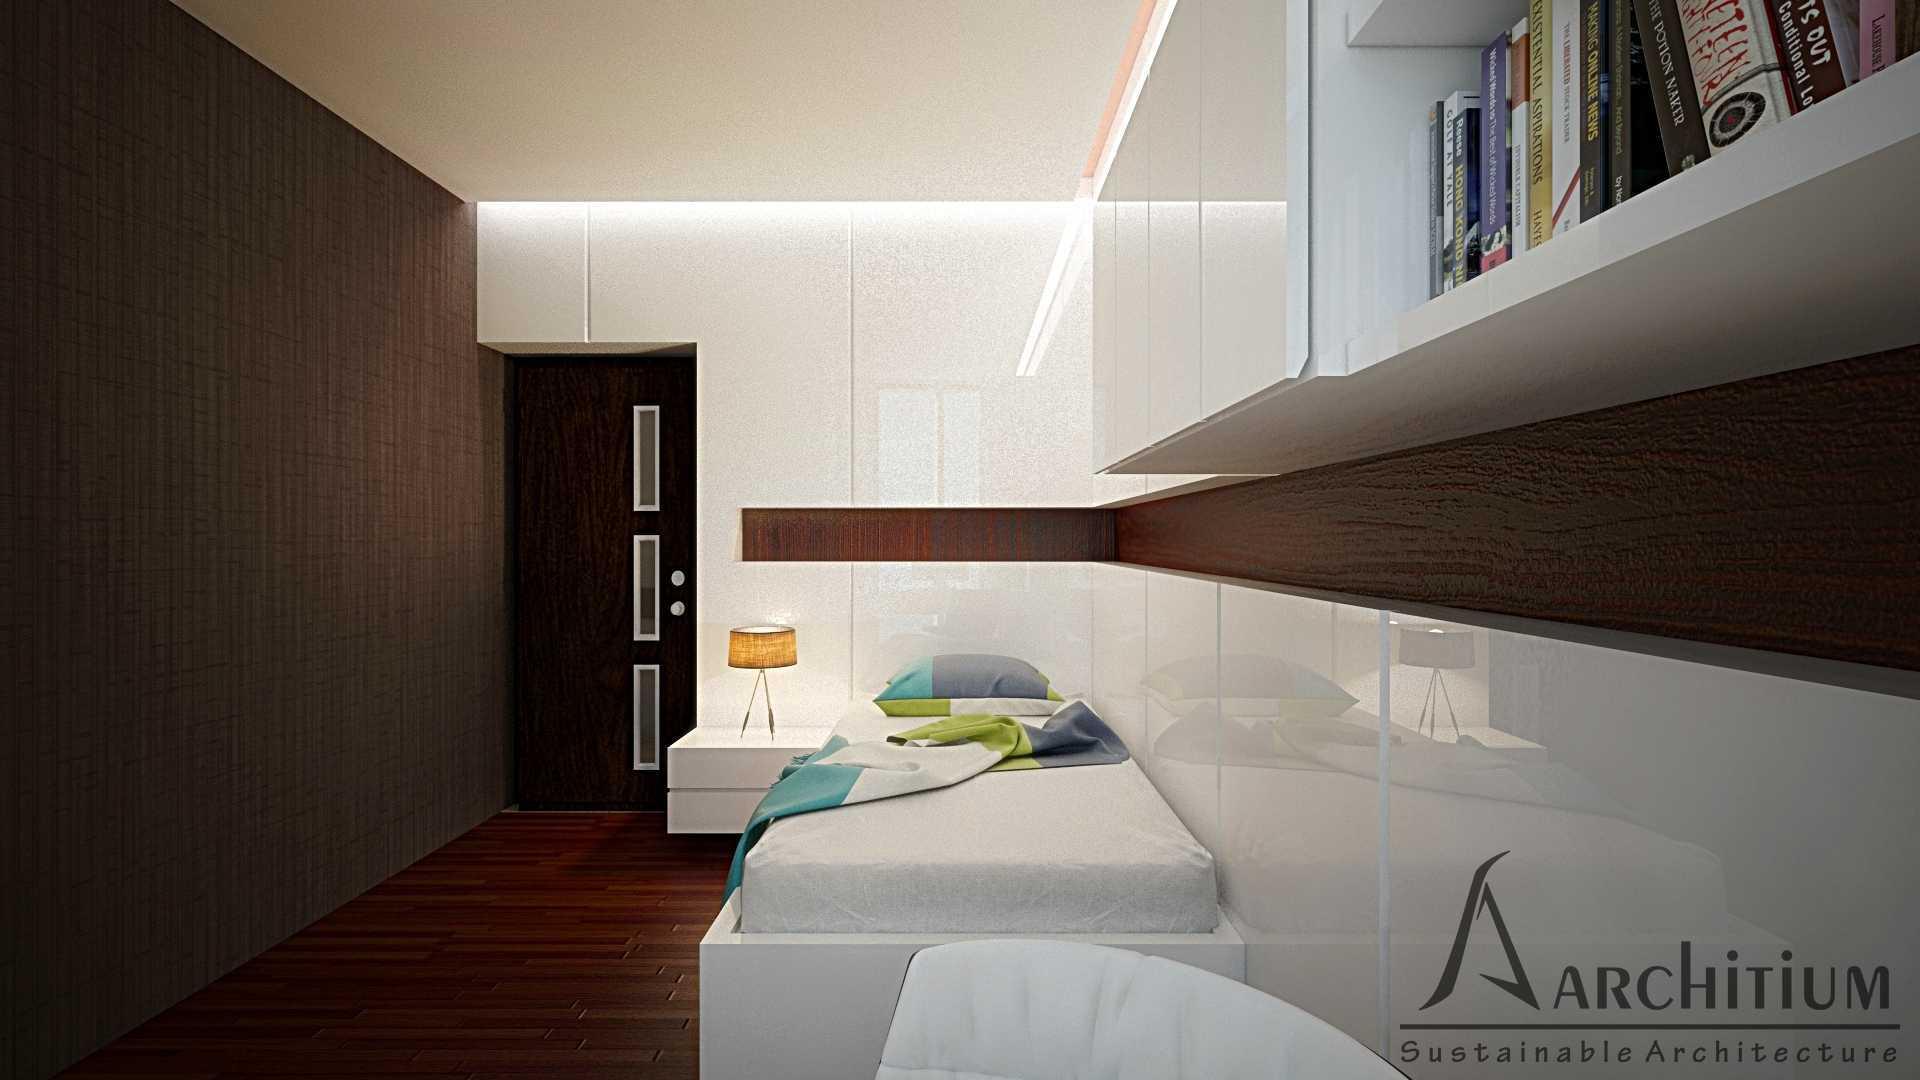 Architium Design Penthouse At Regatta Apartment Regatta Apartment, Jakarta Regatta Apartment, Jakarta Bedroom-B-1 Minimalis  27417